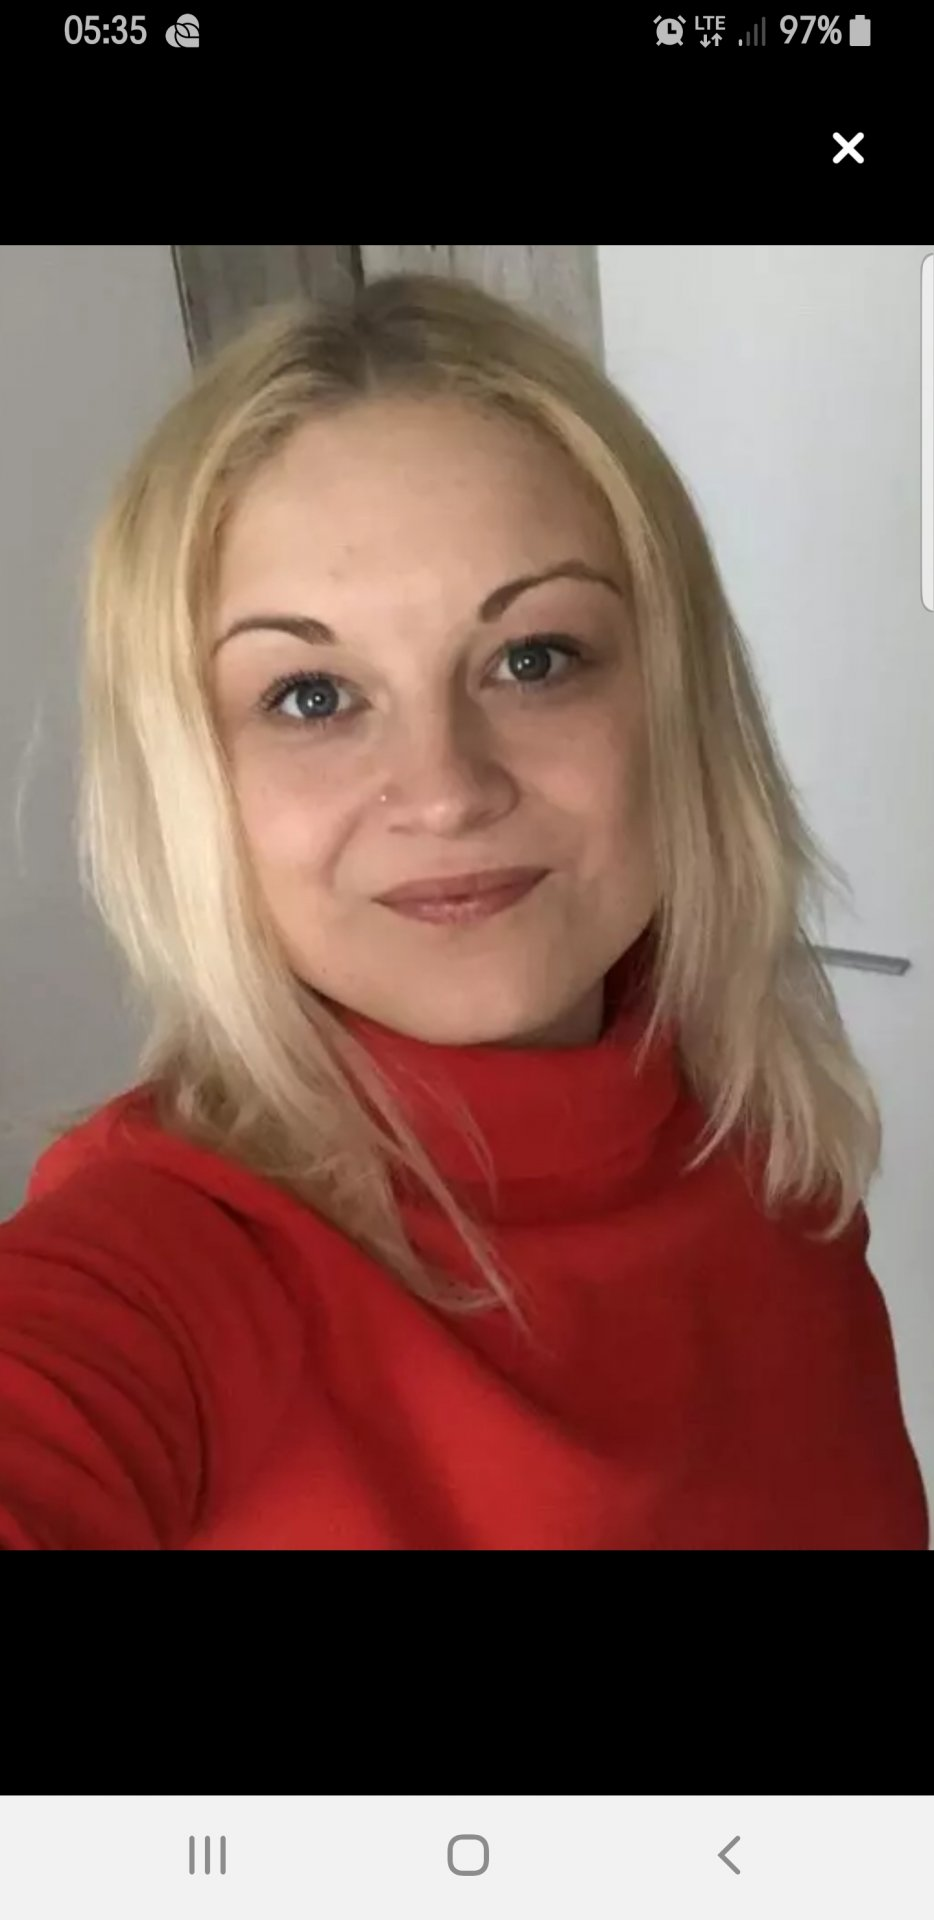 Antonia  aus Sachsen-Anhalt,Deutschland